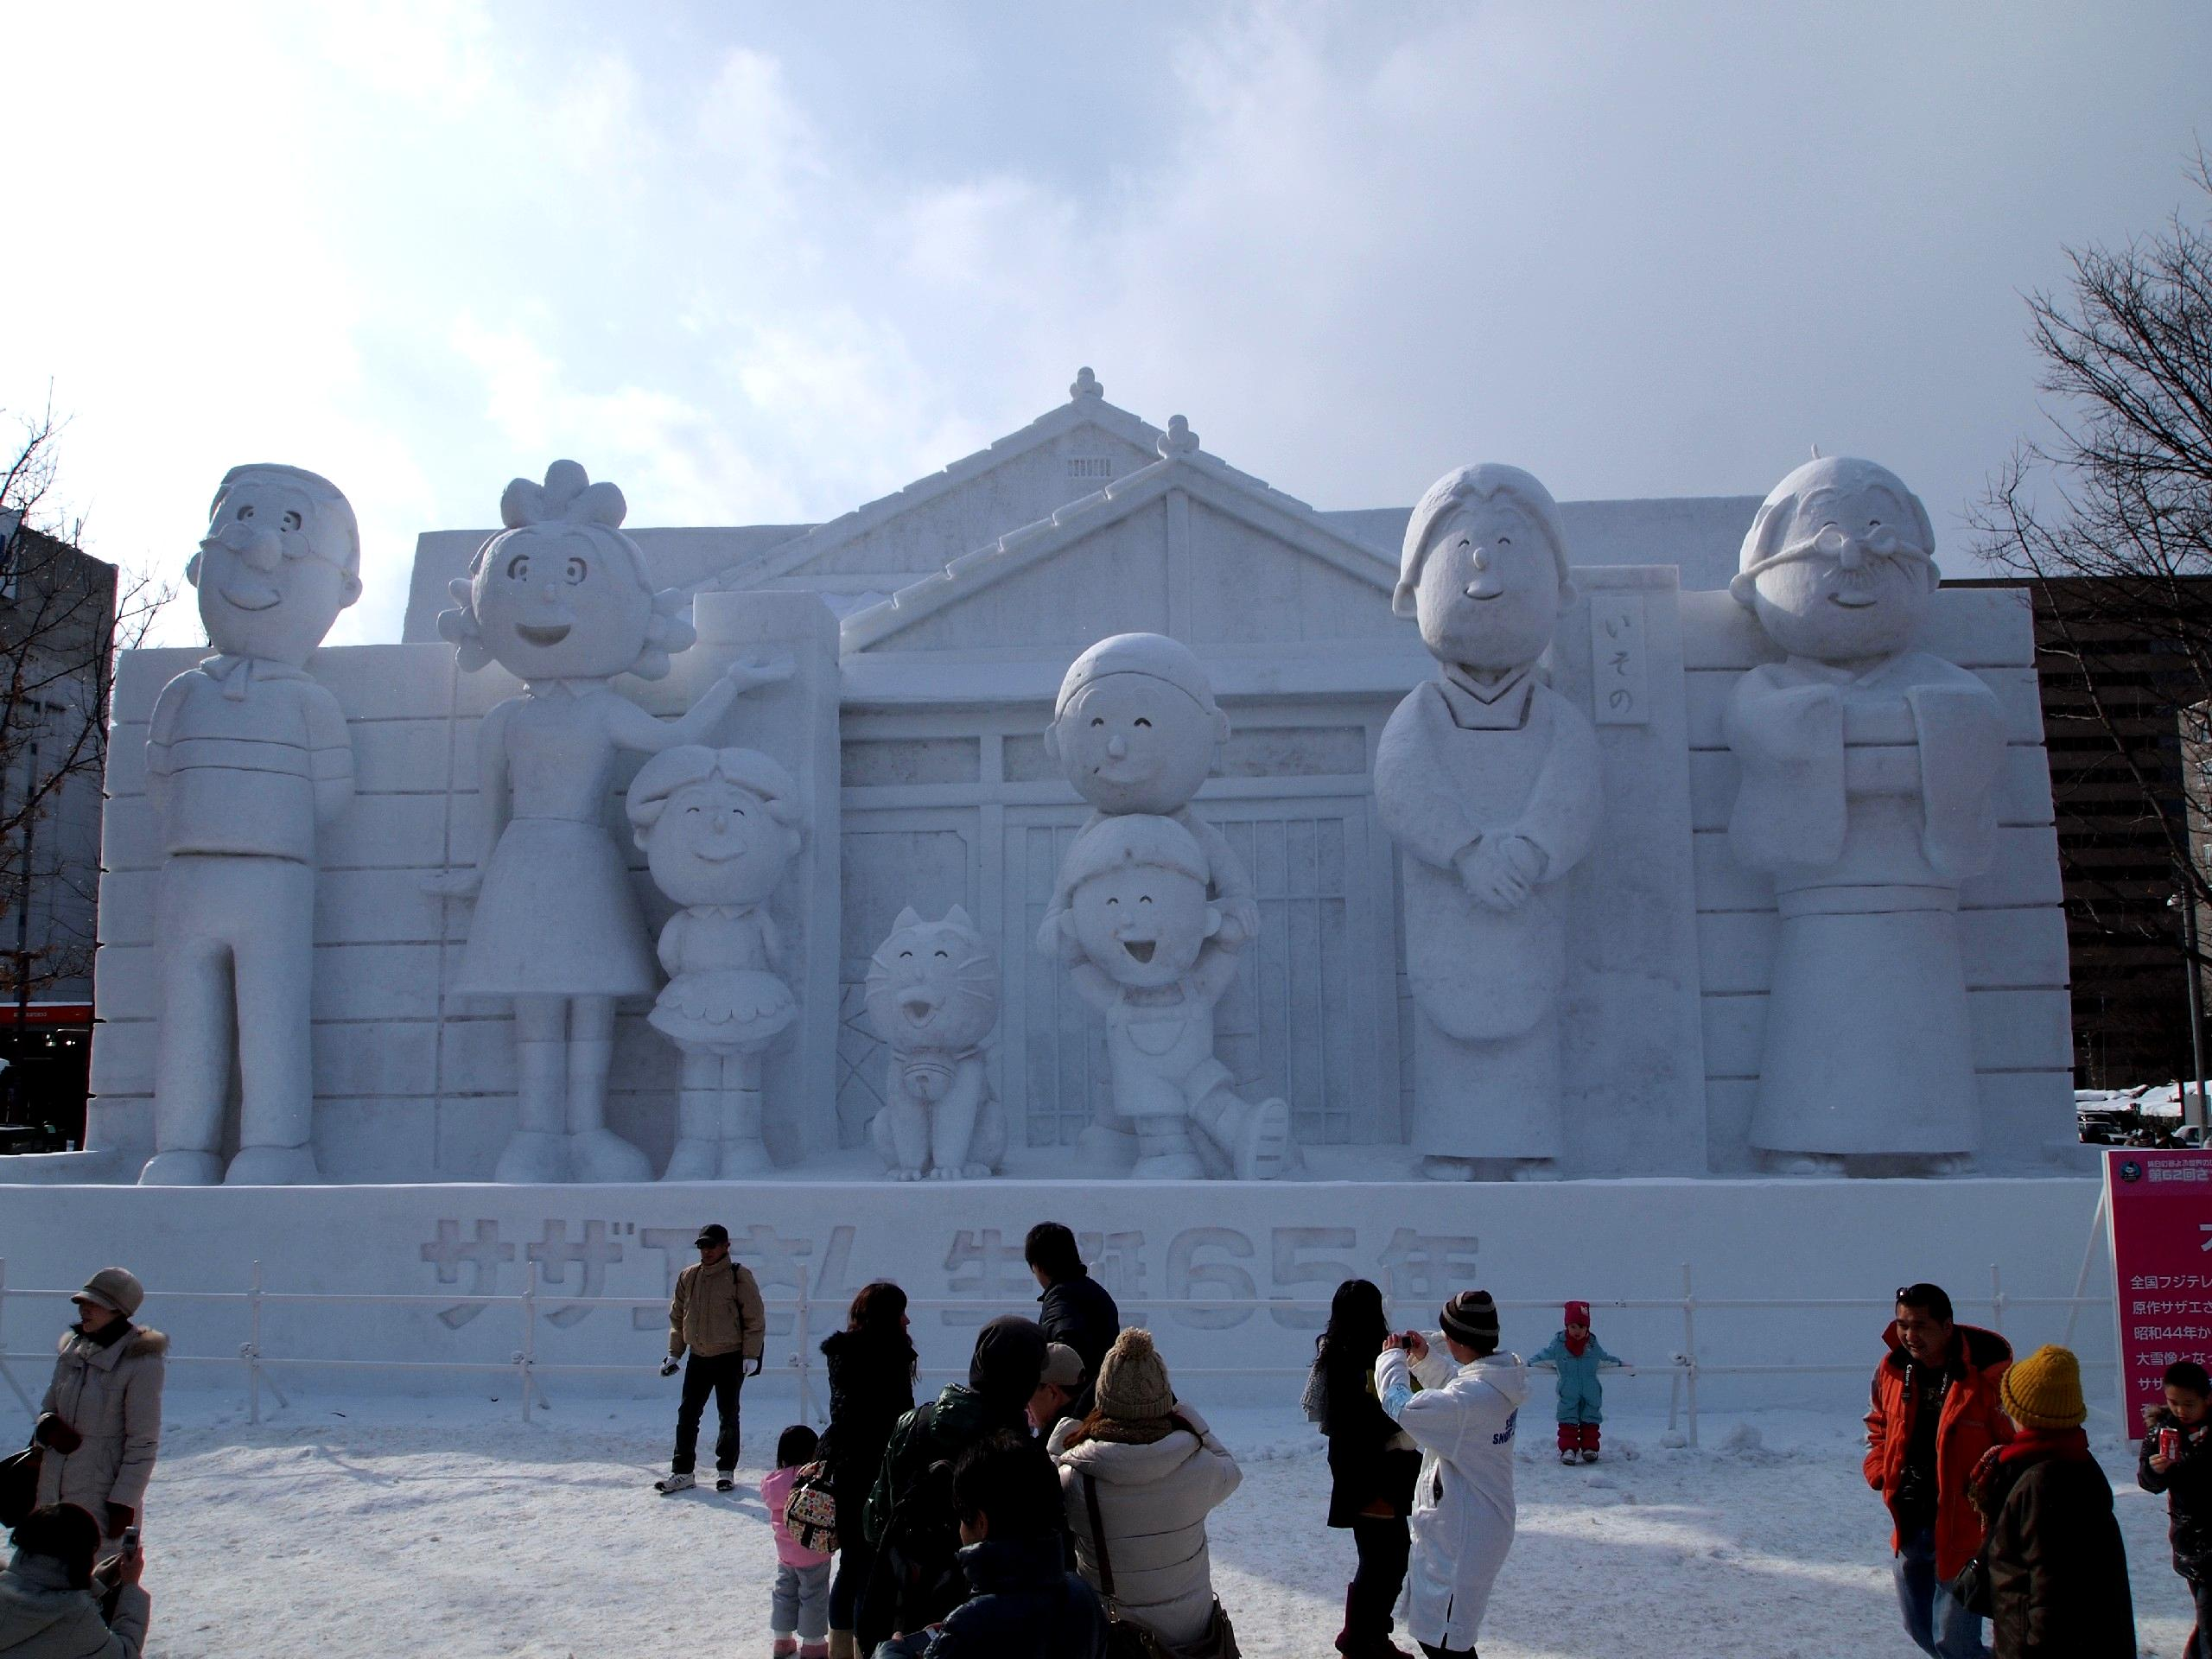 札幌雪祭り 2011-4 : 因畫応報